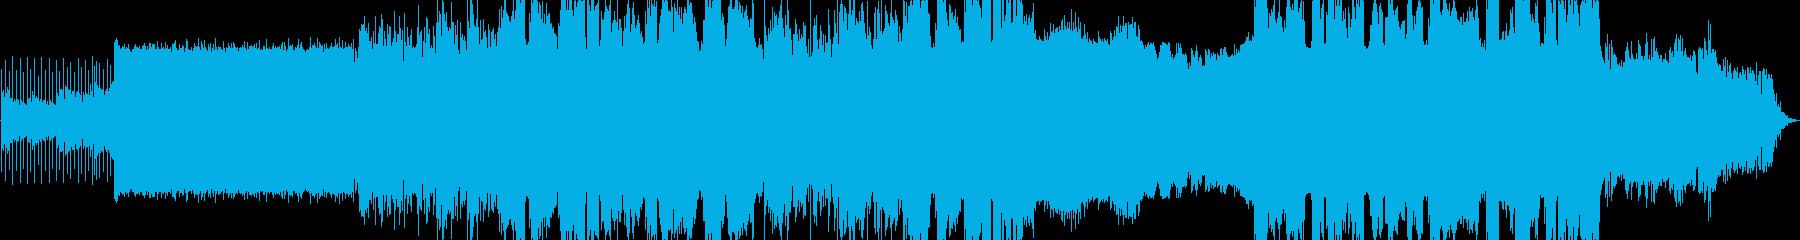 壮大なロックの再生済みの波形